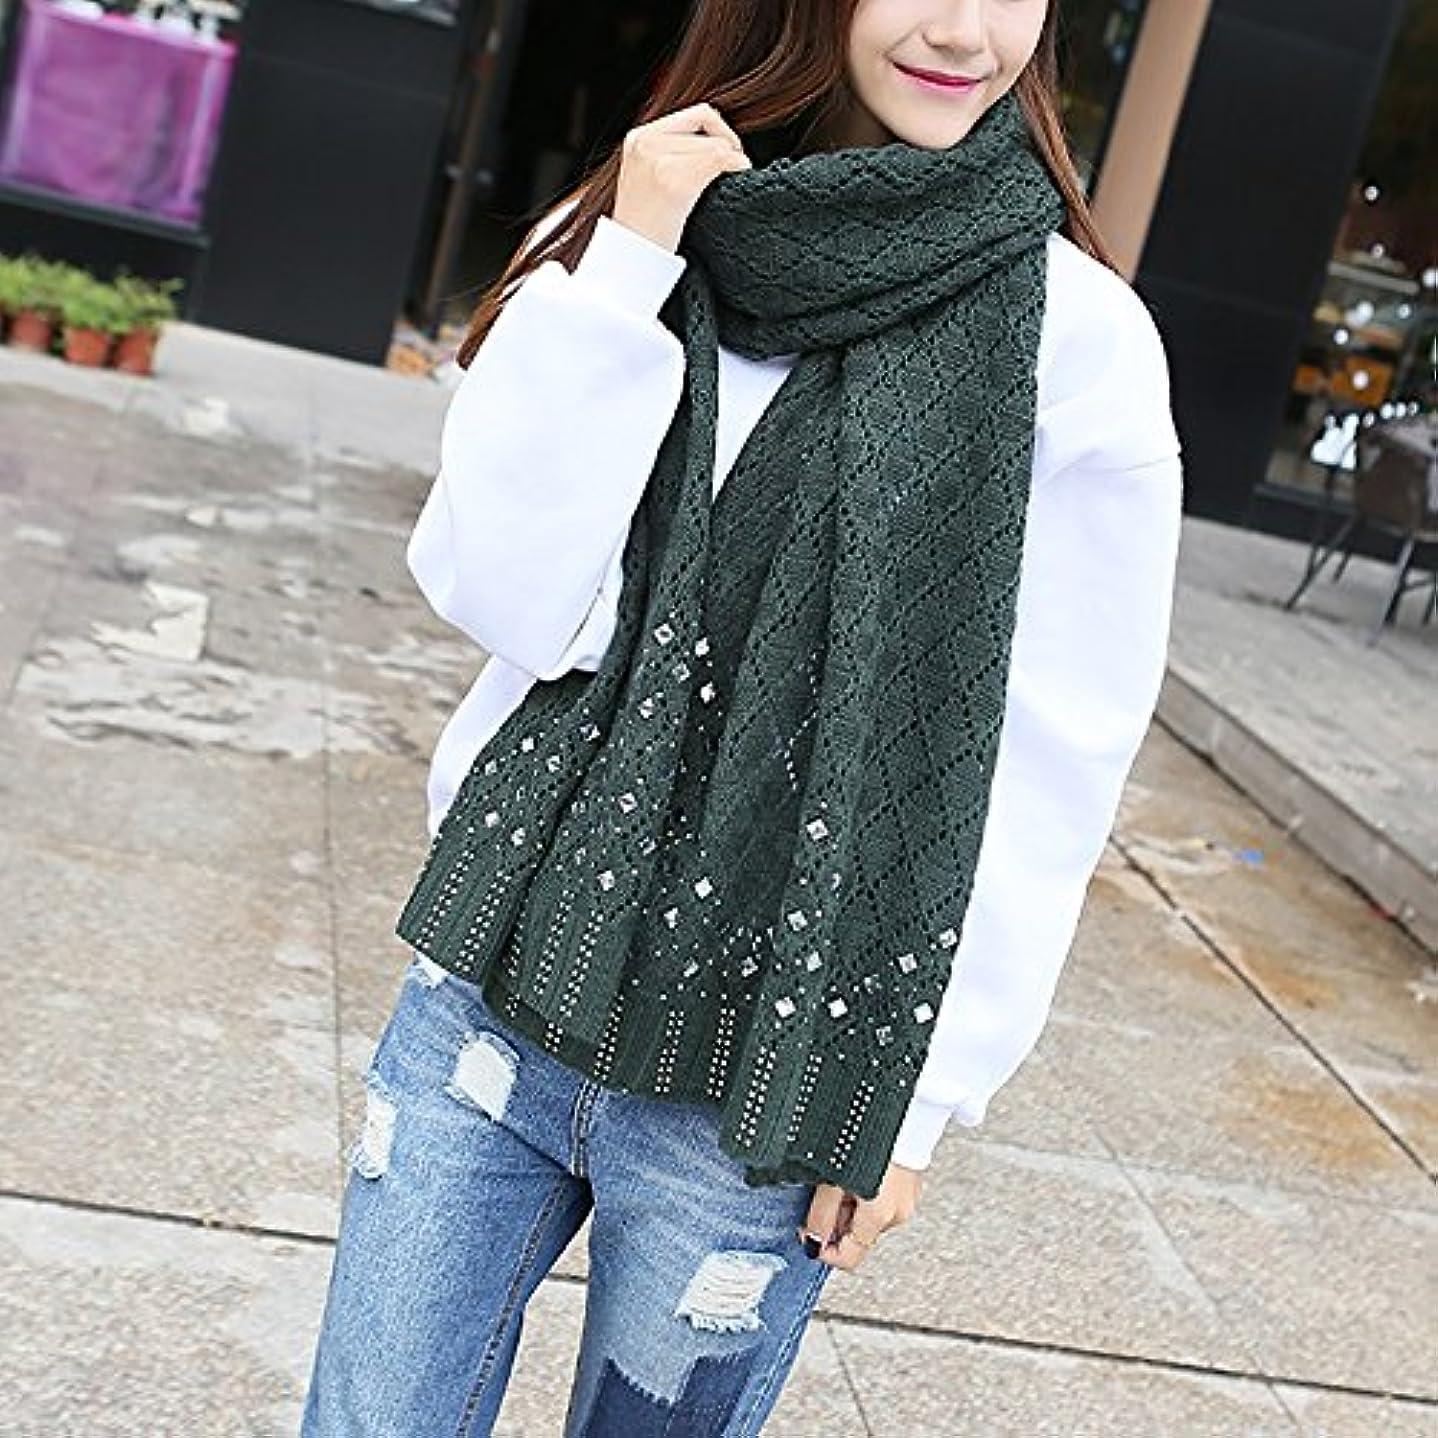 つまらないトレード興味ZZHF 女性の秋と冬のスカーフニット菱形暖かい厚いスカーフショールカップルスカーフ7色が利用可能です(サイズ:210 * 47センチメートル) シルクのスカーフ ( 色 : D , サイズ さいず : 210*47CM )